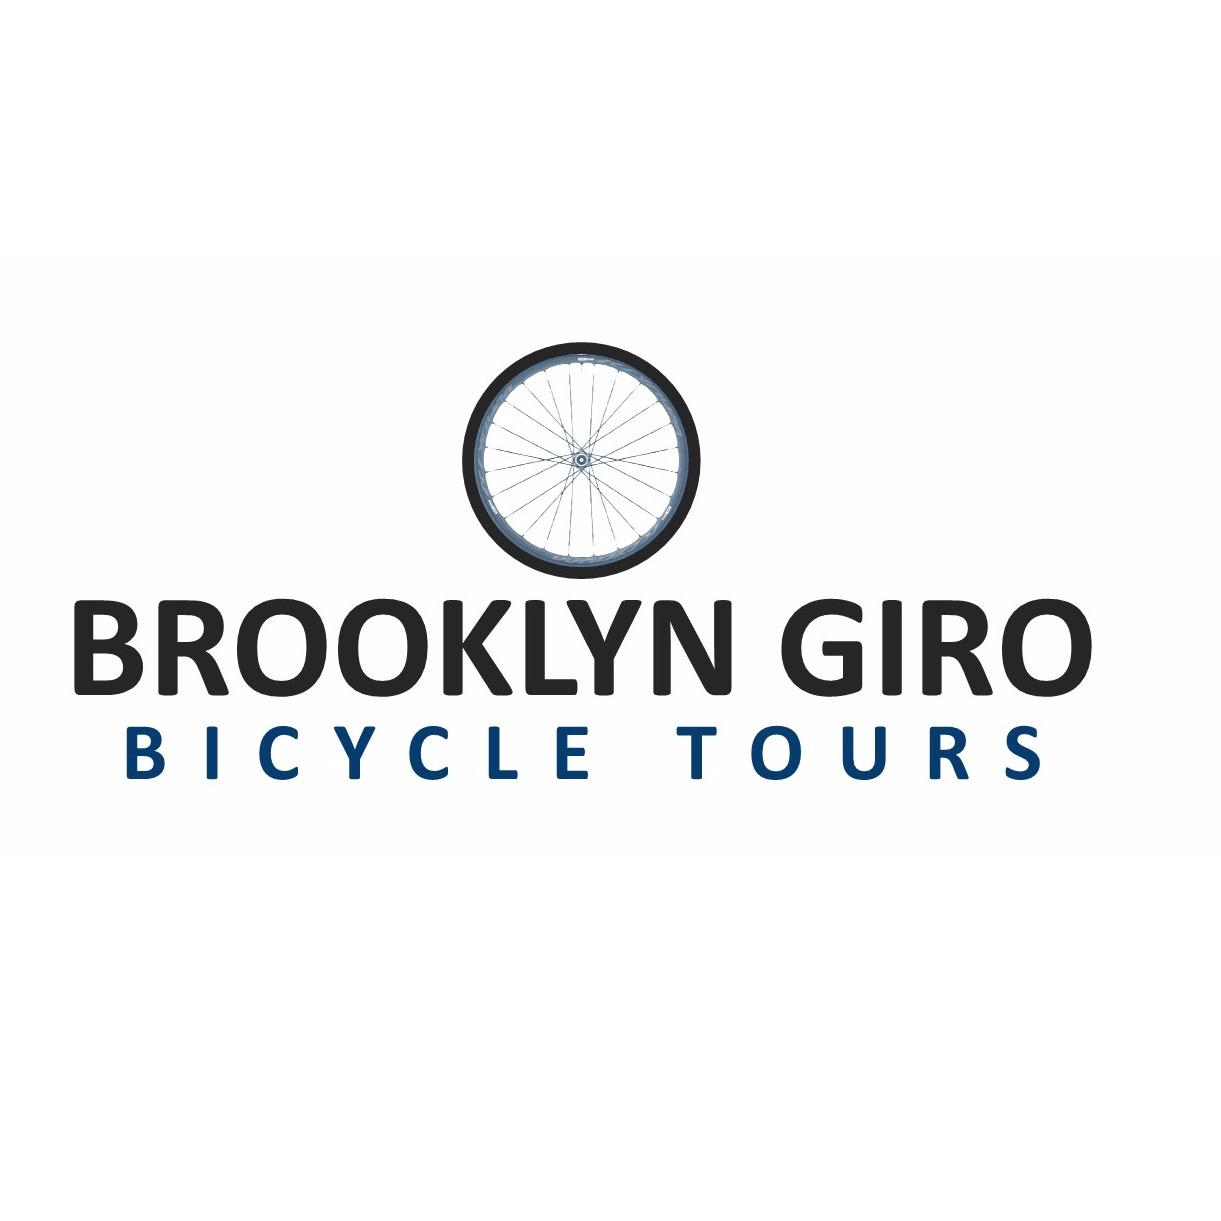 Brooklyn Giro Bike Tours